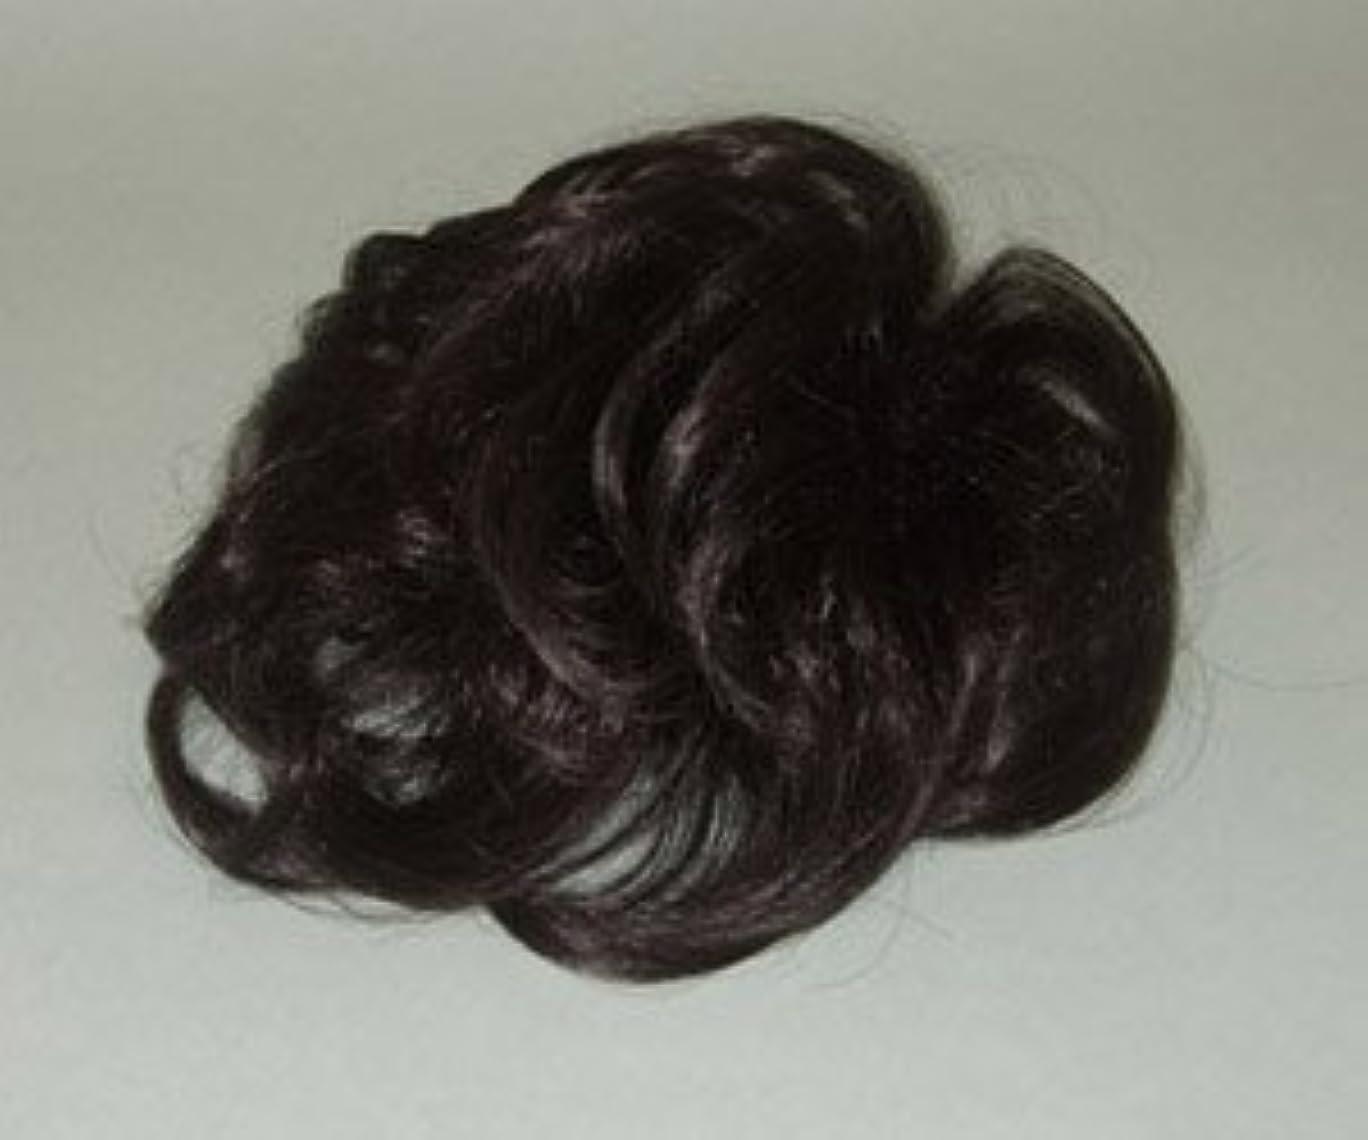 第すりタール富士パックス販売 ボンヘアー BON HAIR (ボリュームアップタイプ) ブラウン